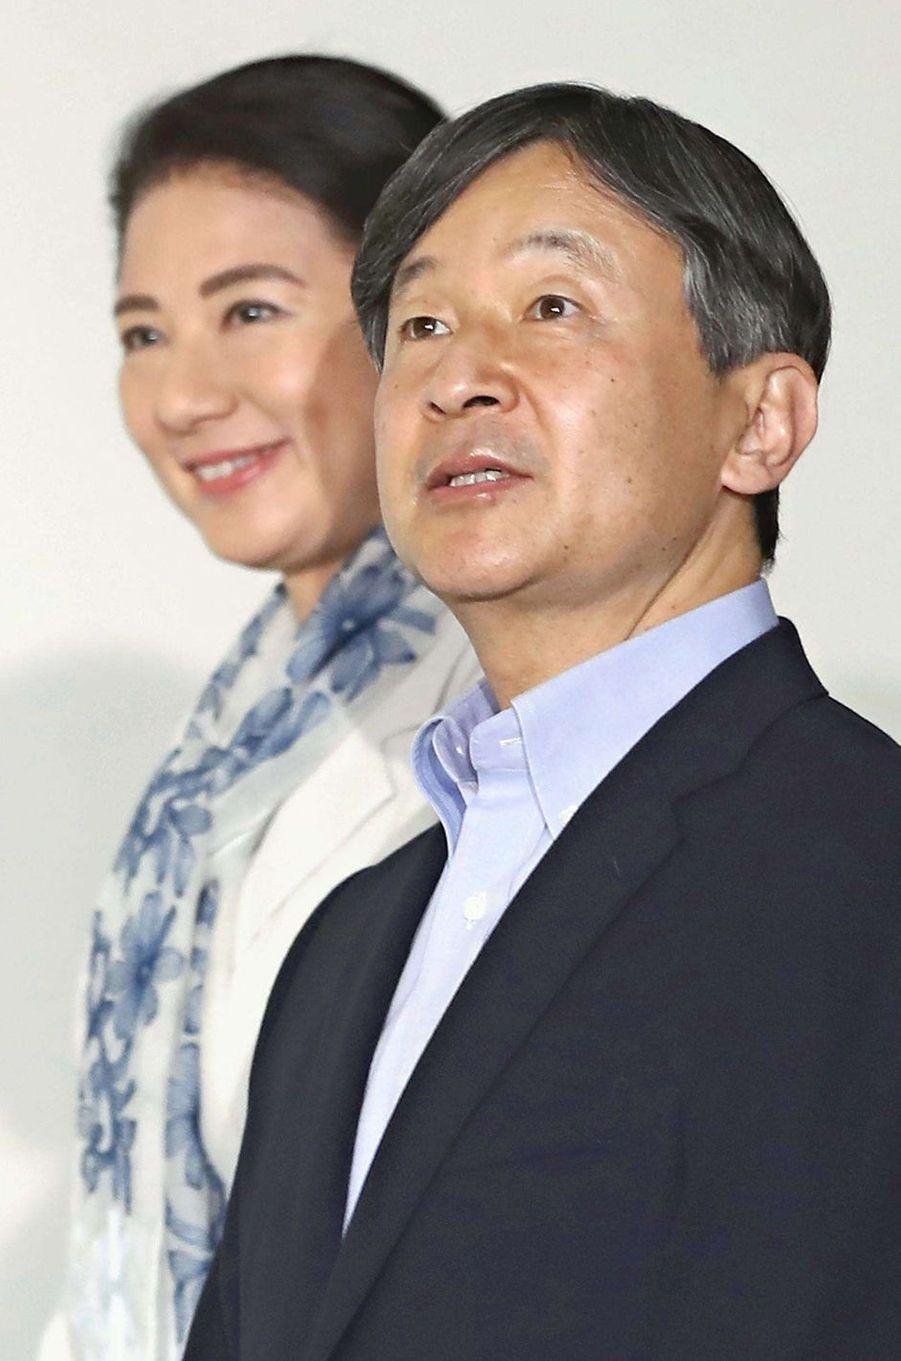 L'impératrice Masako et l'empereur Naruhito du Japon à Tokyo, le 19 juin 2019